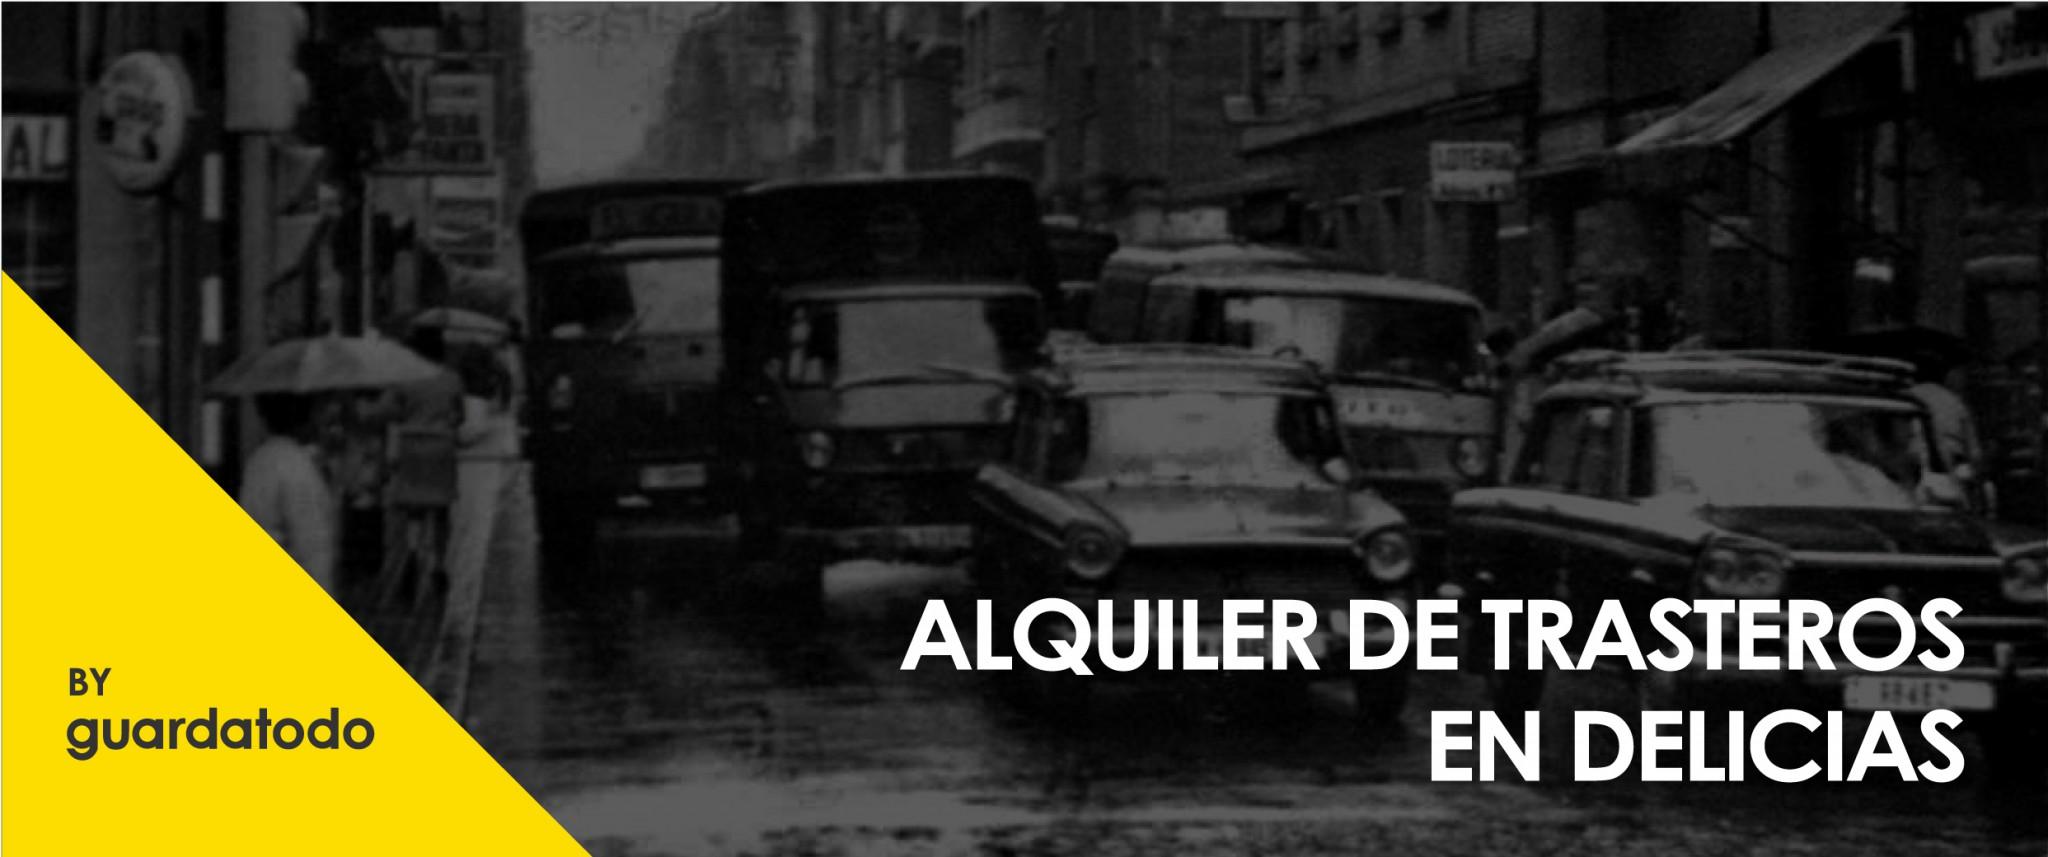 ALQUILER DE TRASTEROS EN DELICIAS P-01